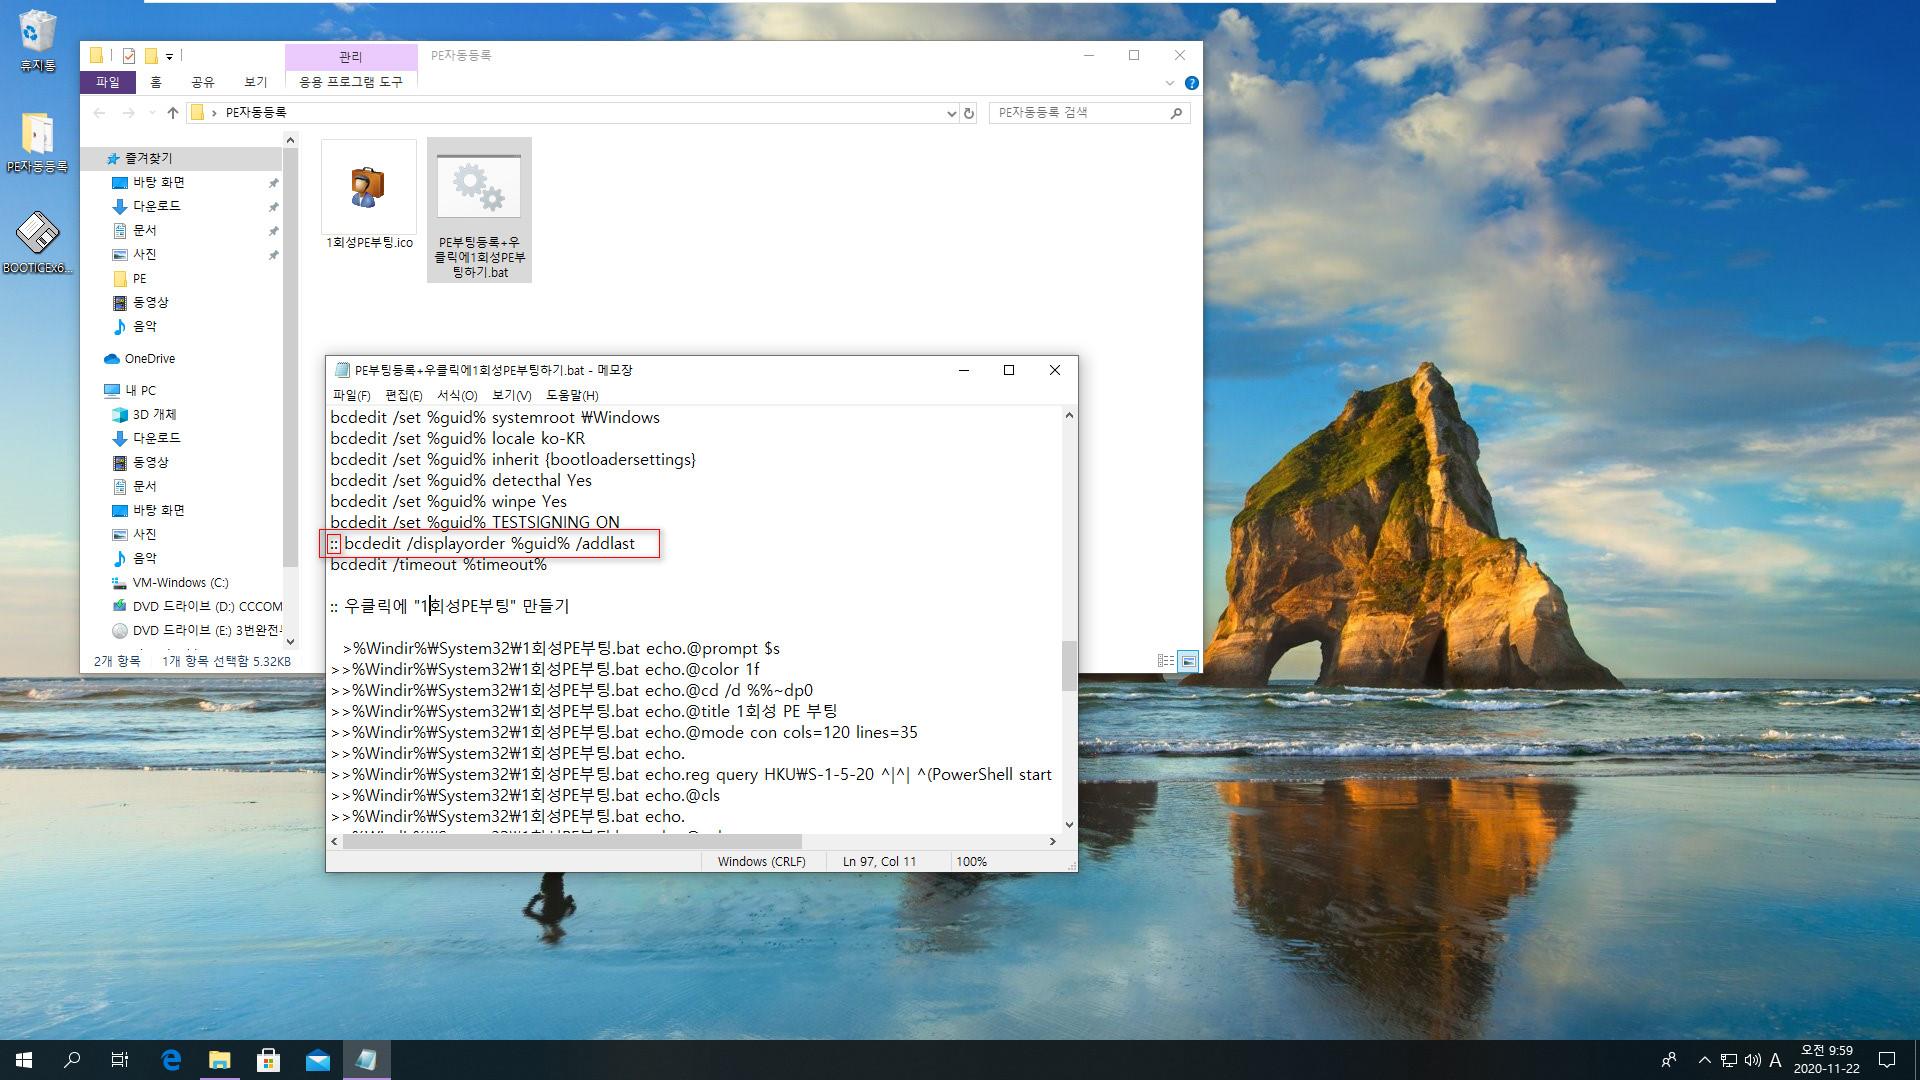 PE부팅등록+우클릭에1회성PE부팅하기.bat 테스트 - 우클릭으로만 PE 부팅하시는 방법 - displayorder로 부팅 메뉴에 등록하지 않으시면 됩니다 2020-11-22_095913.jpg